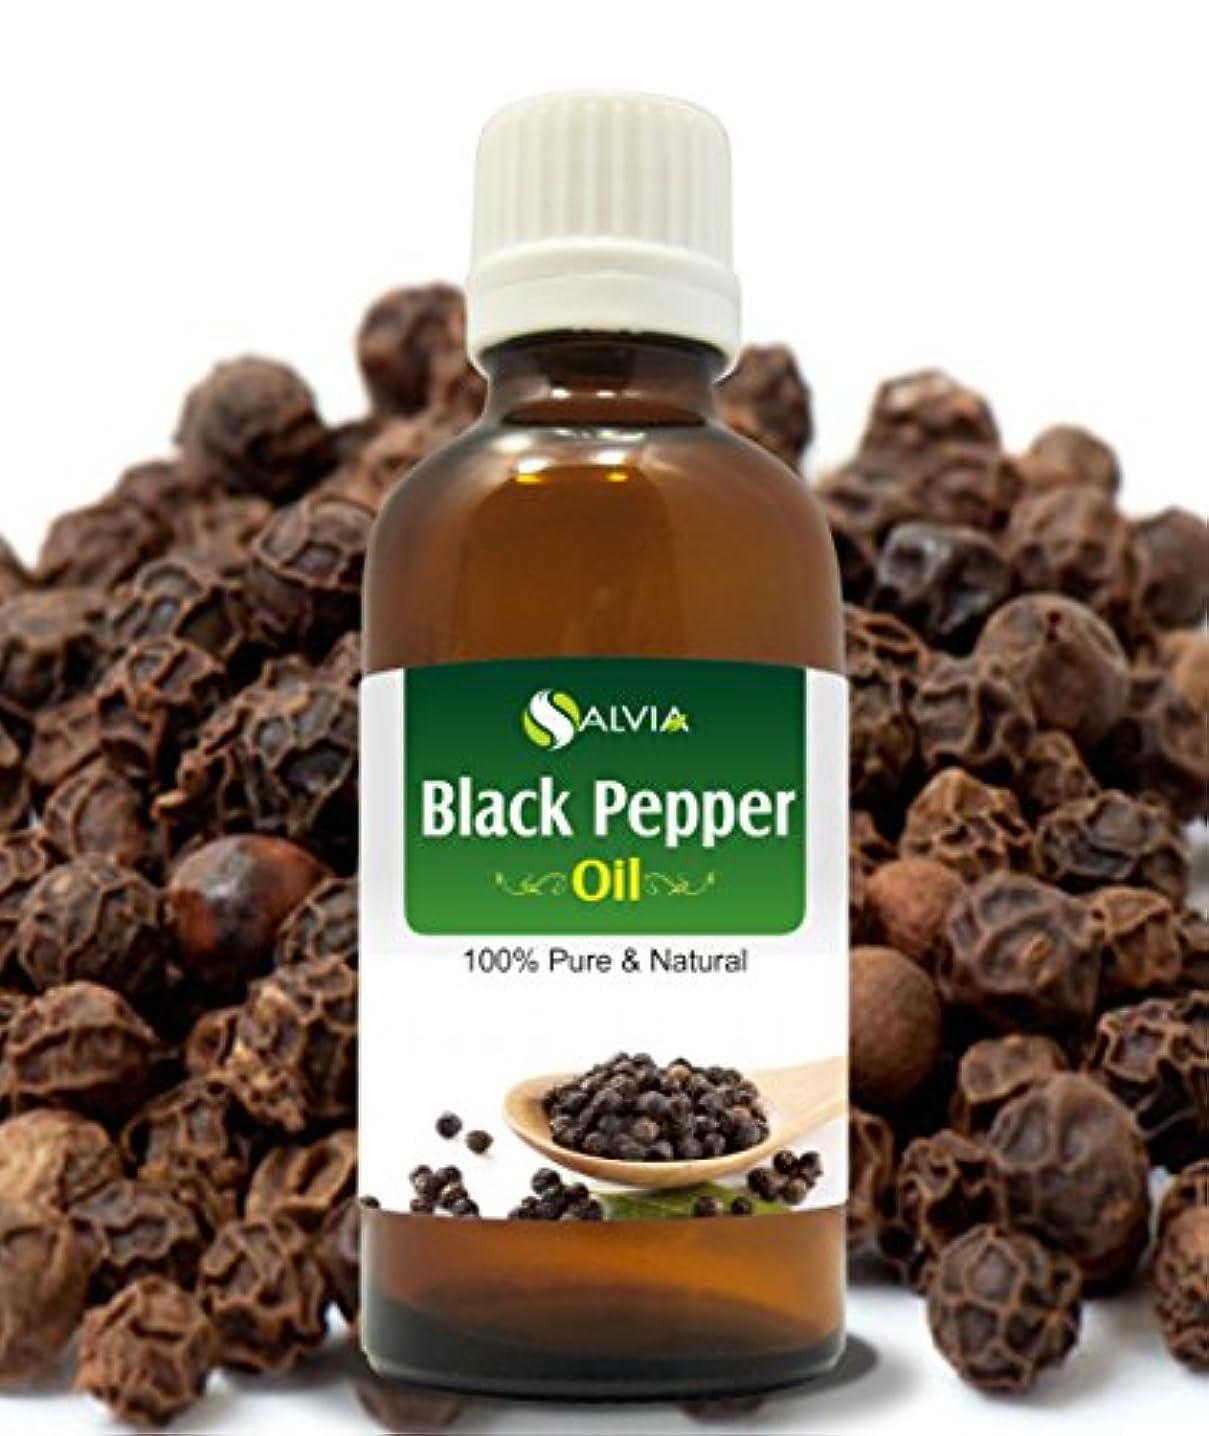 インク休憩恐竜BLACK PEPPER OIL 100% NATURAL PURE UNDILUTED UNCUT ESSENTIAL OIL 15ML